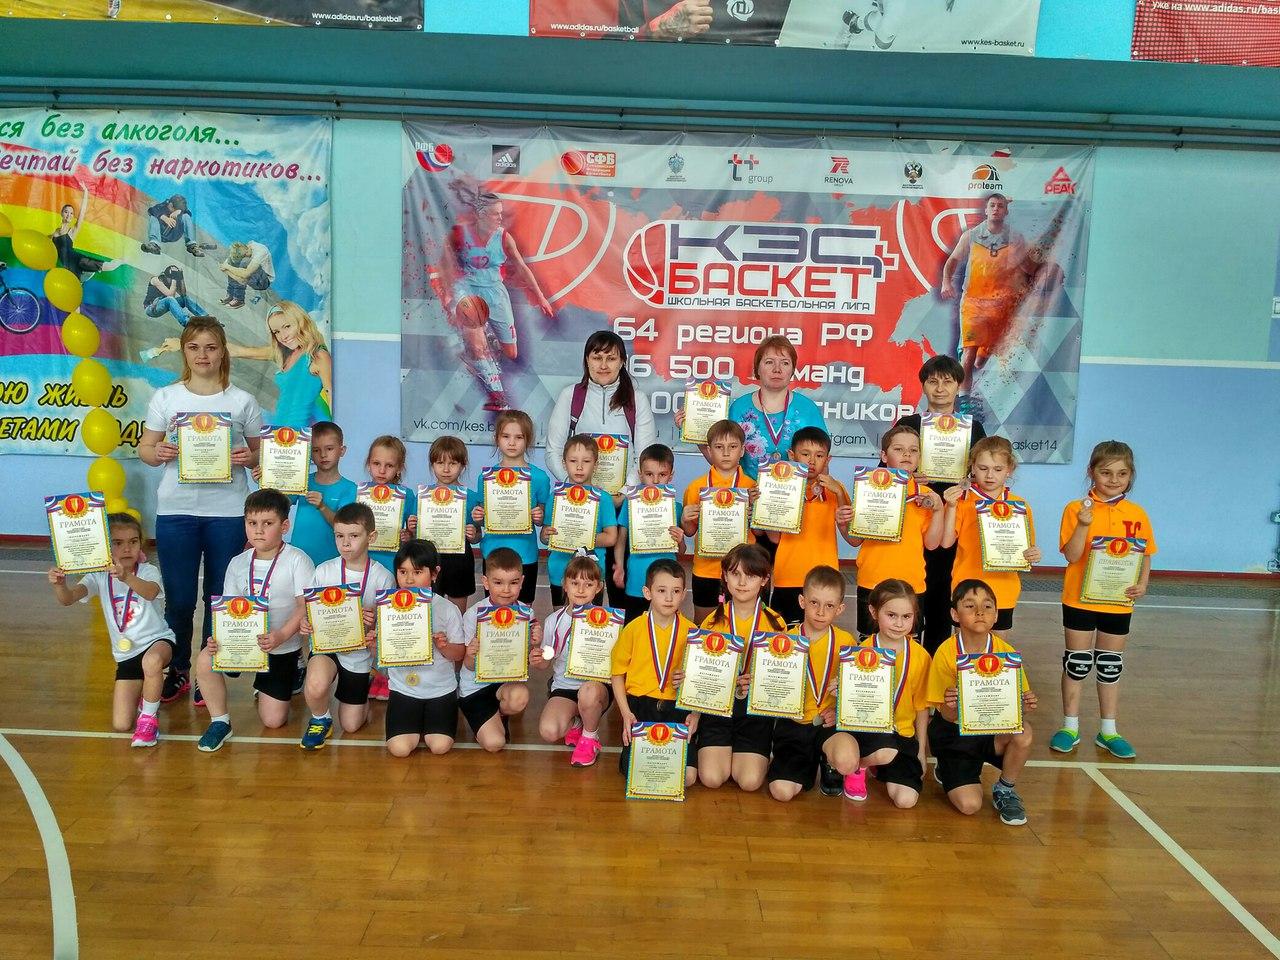 В Долинске прошли соревнования по японскому мини-волейболу в зачёт VI Спартакиады МО ГО